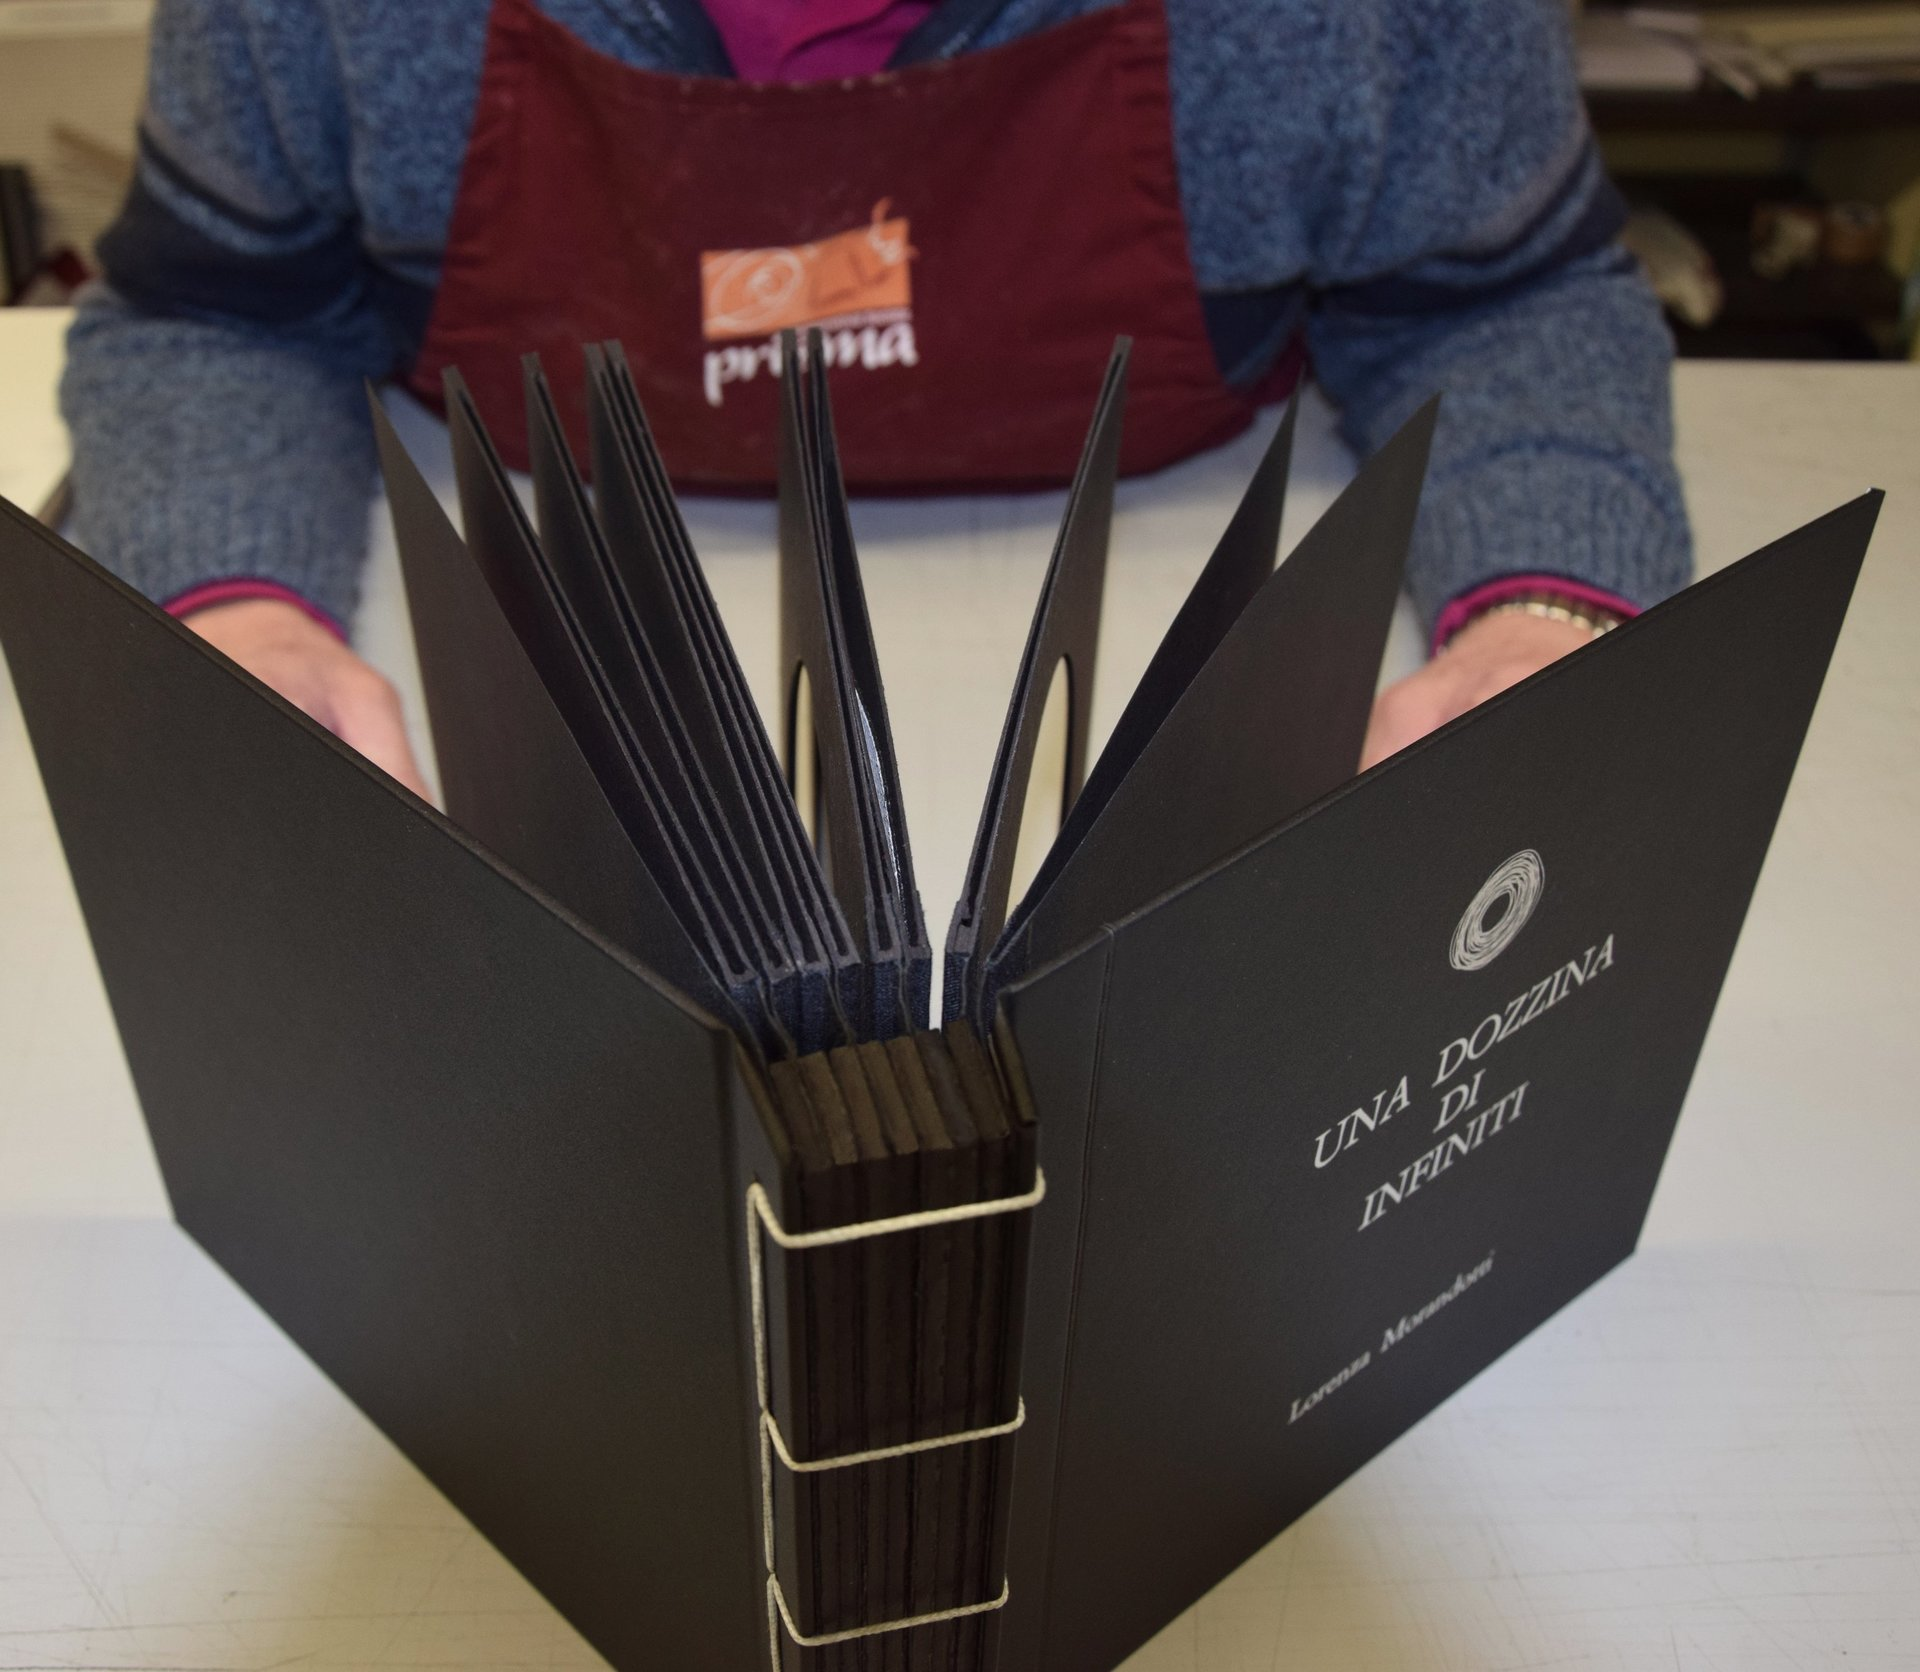 un libro nero con scritte oro appena rilegato: vista dall'alto